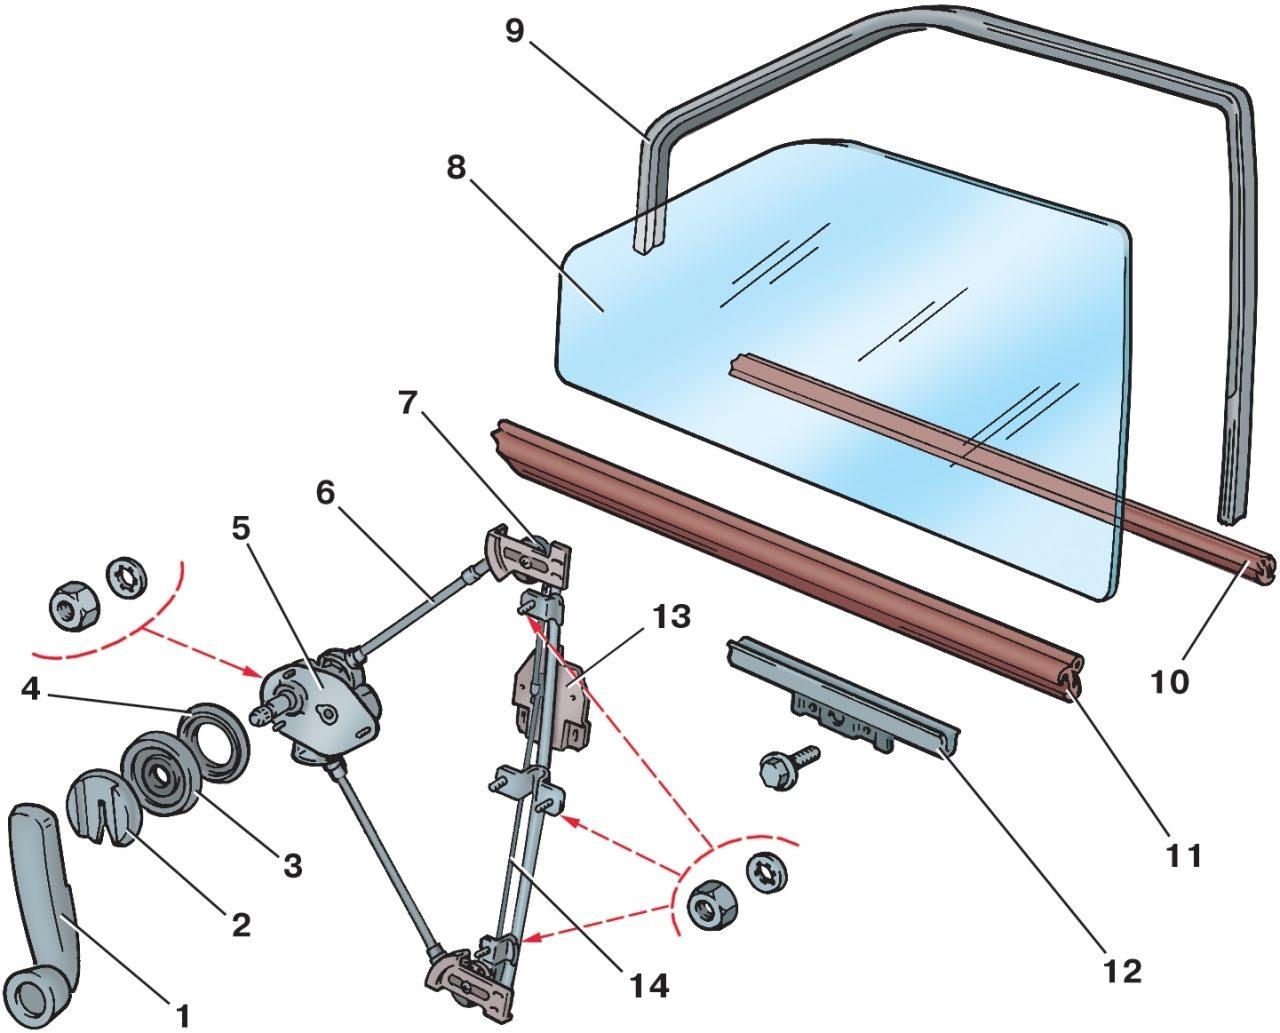 Стеклоподъемник передней двери: 1 - ручка стеклоподъемника; 2 - облицовка; 3 - розетка; 4 - прокладка; 5...